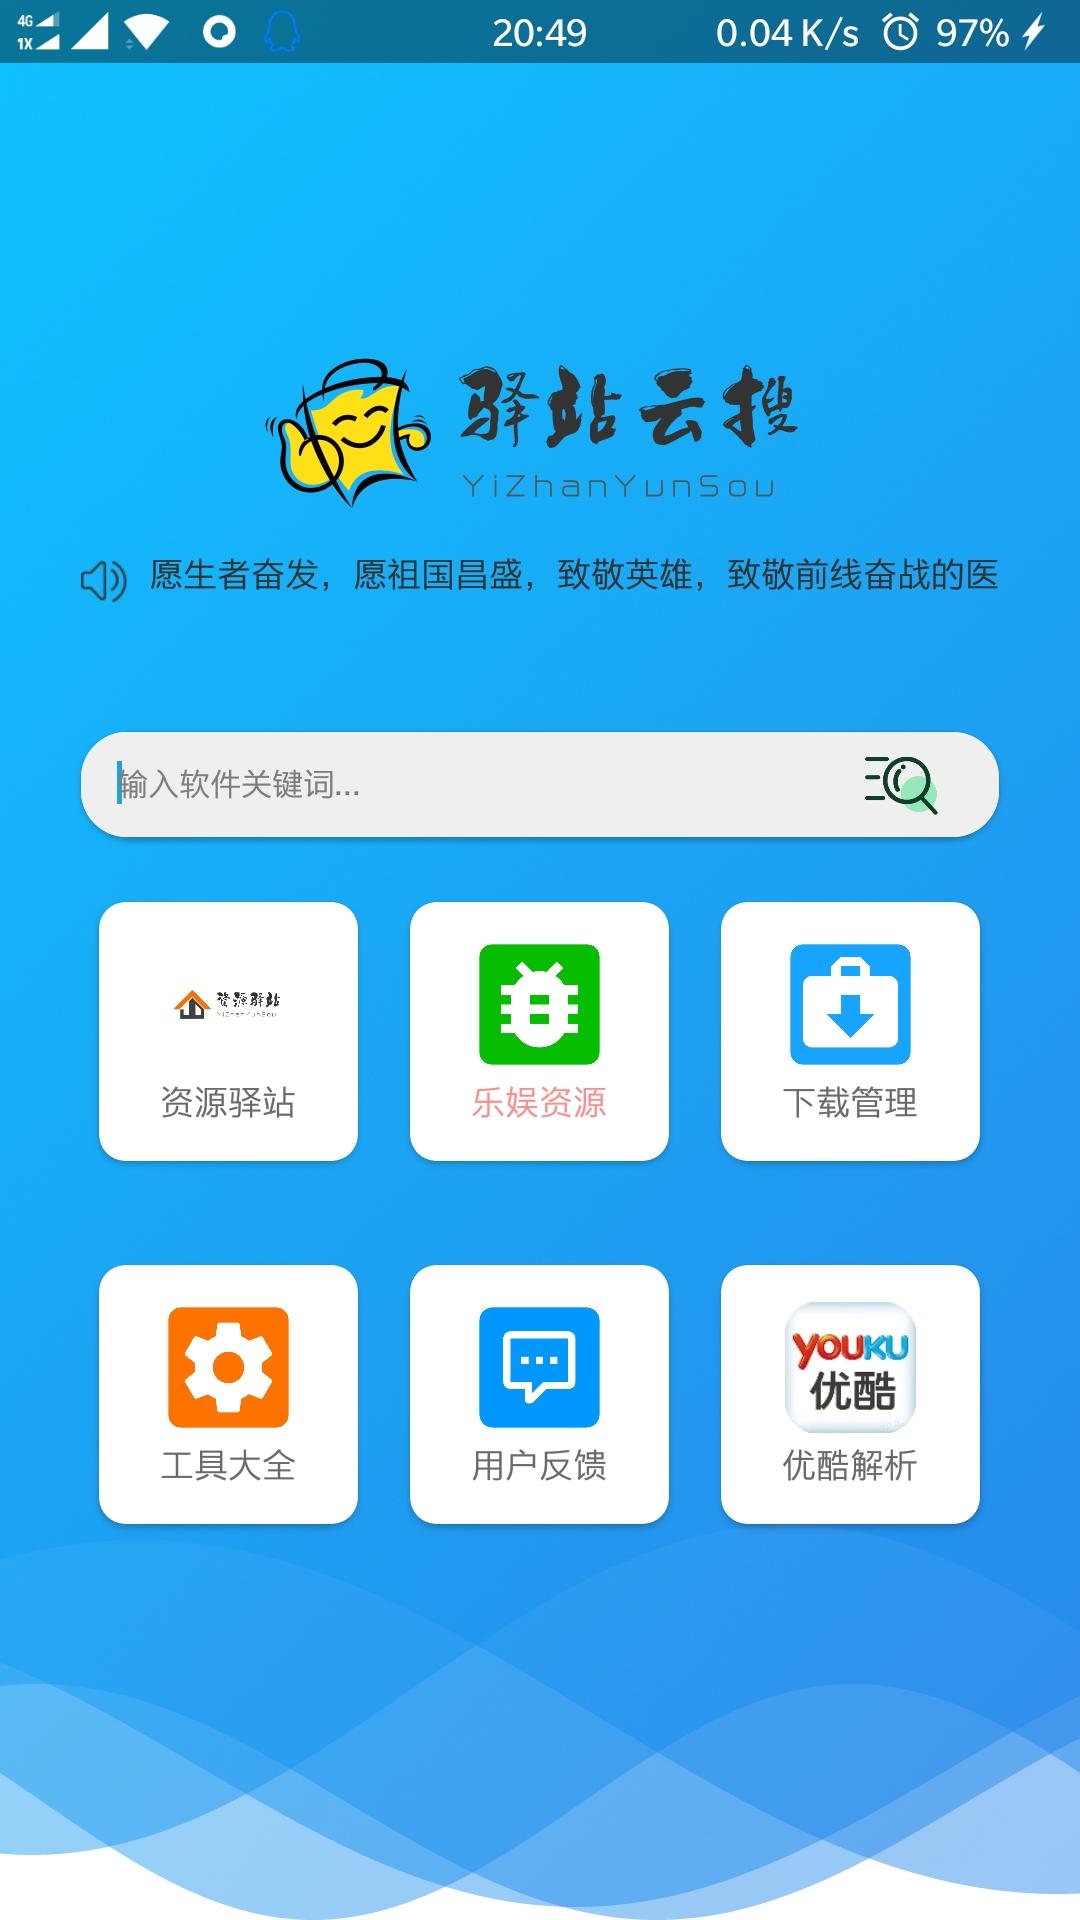 驿站云搜 v2.2/蓝奏云搜索引擎+在线工具箱大全